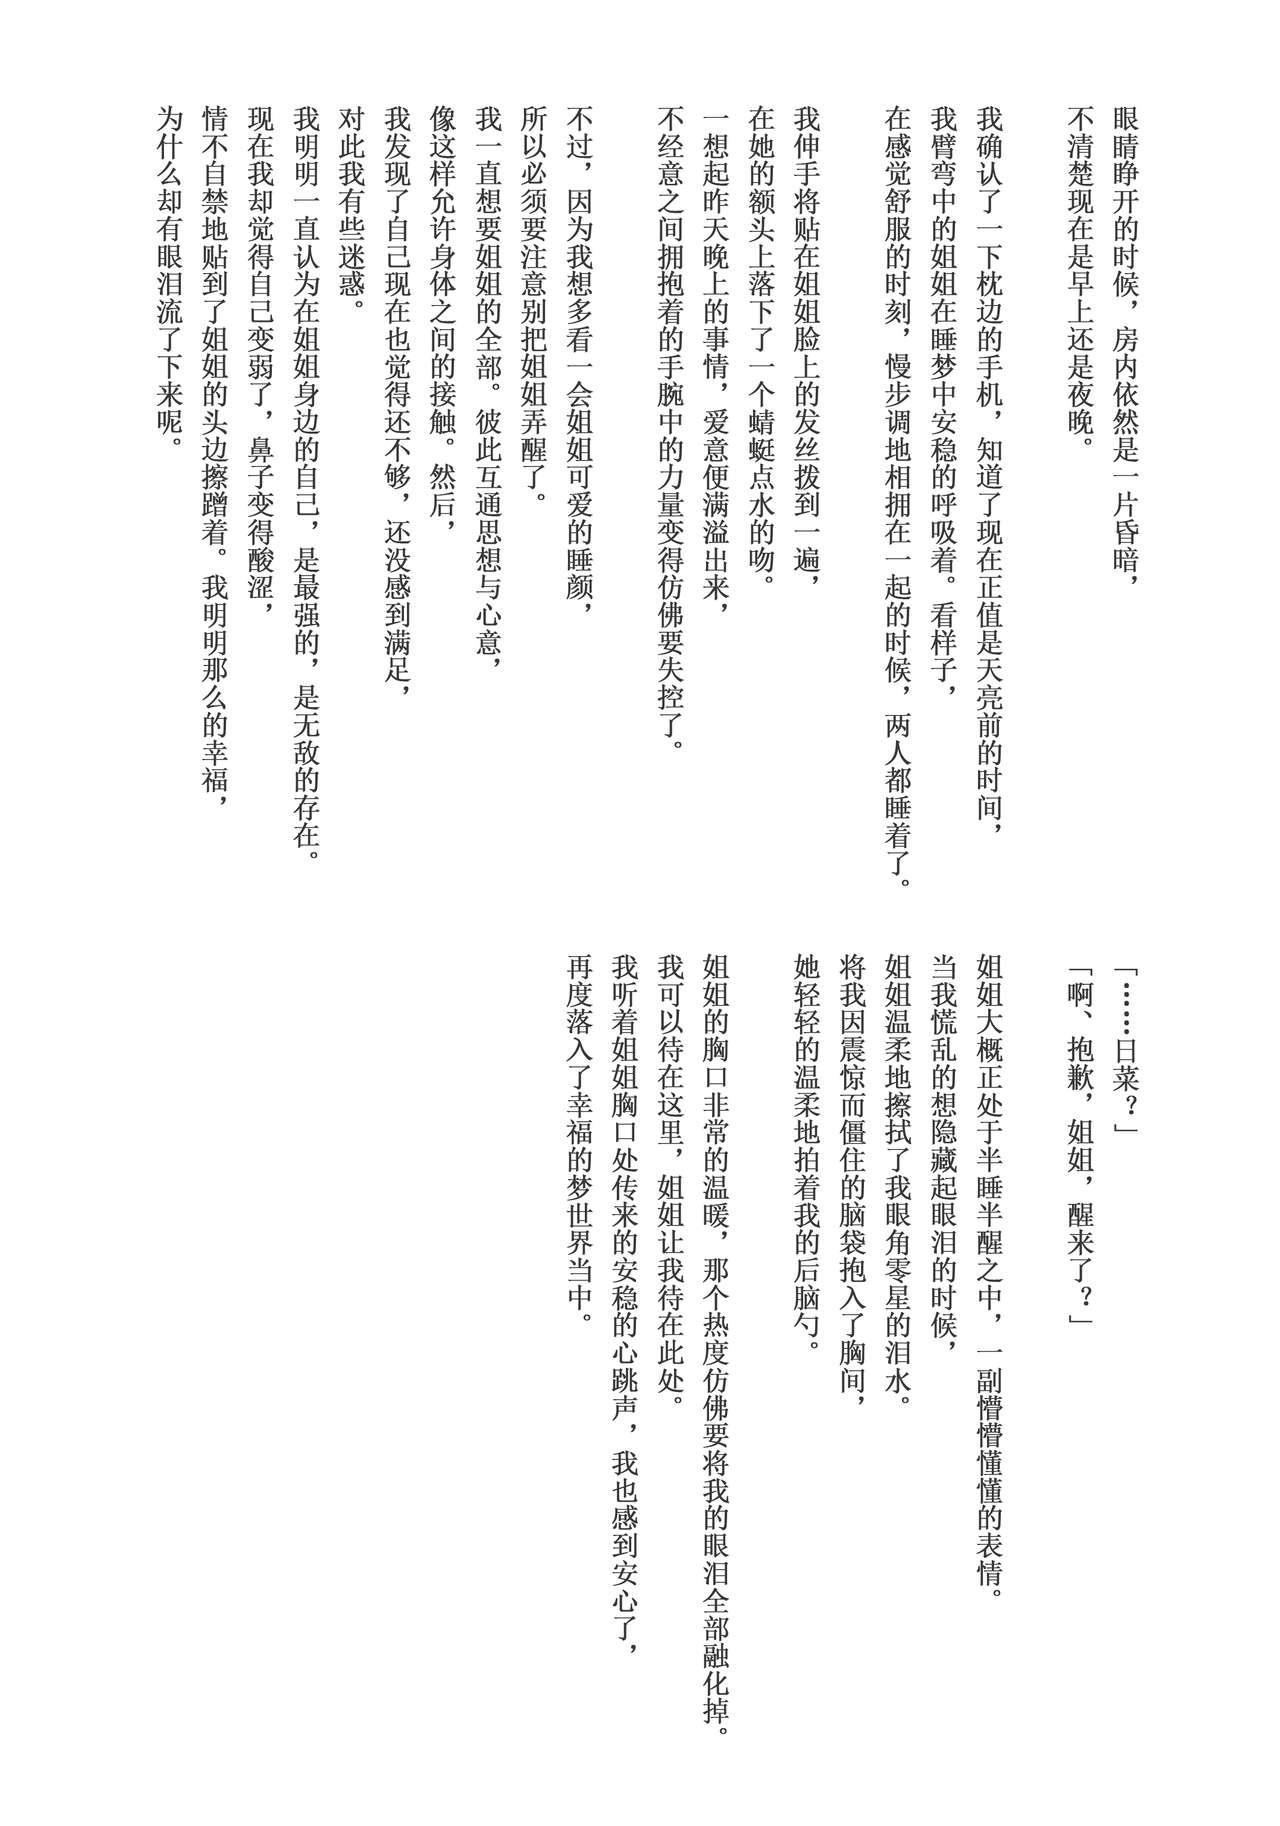 氷川姉妹18禁合同「今日は一緒に寝てもいい?」 91